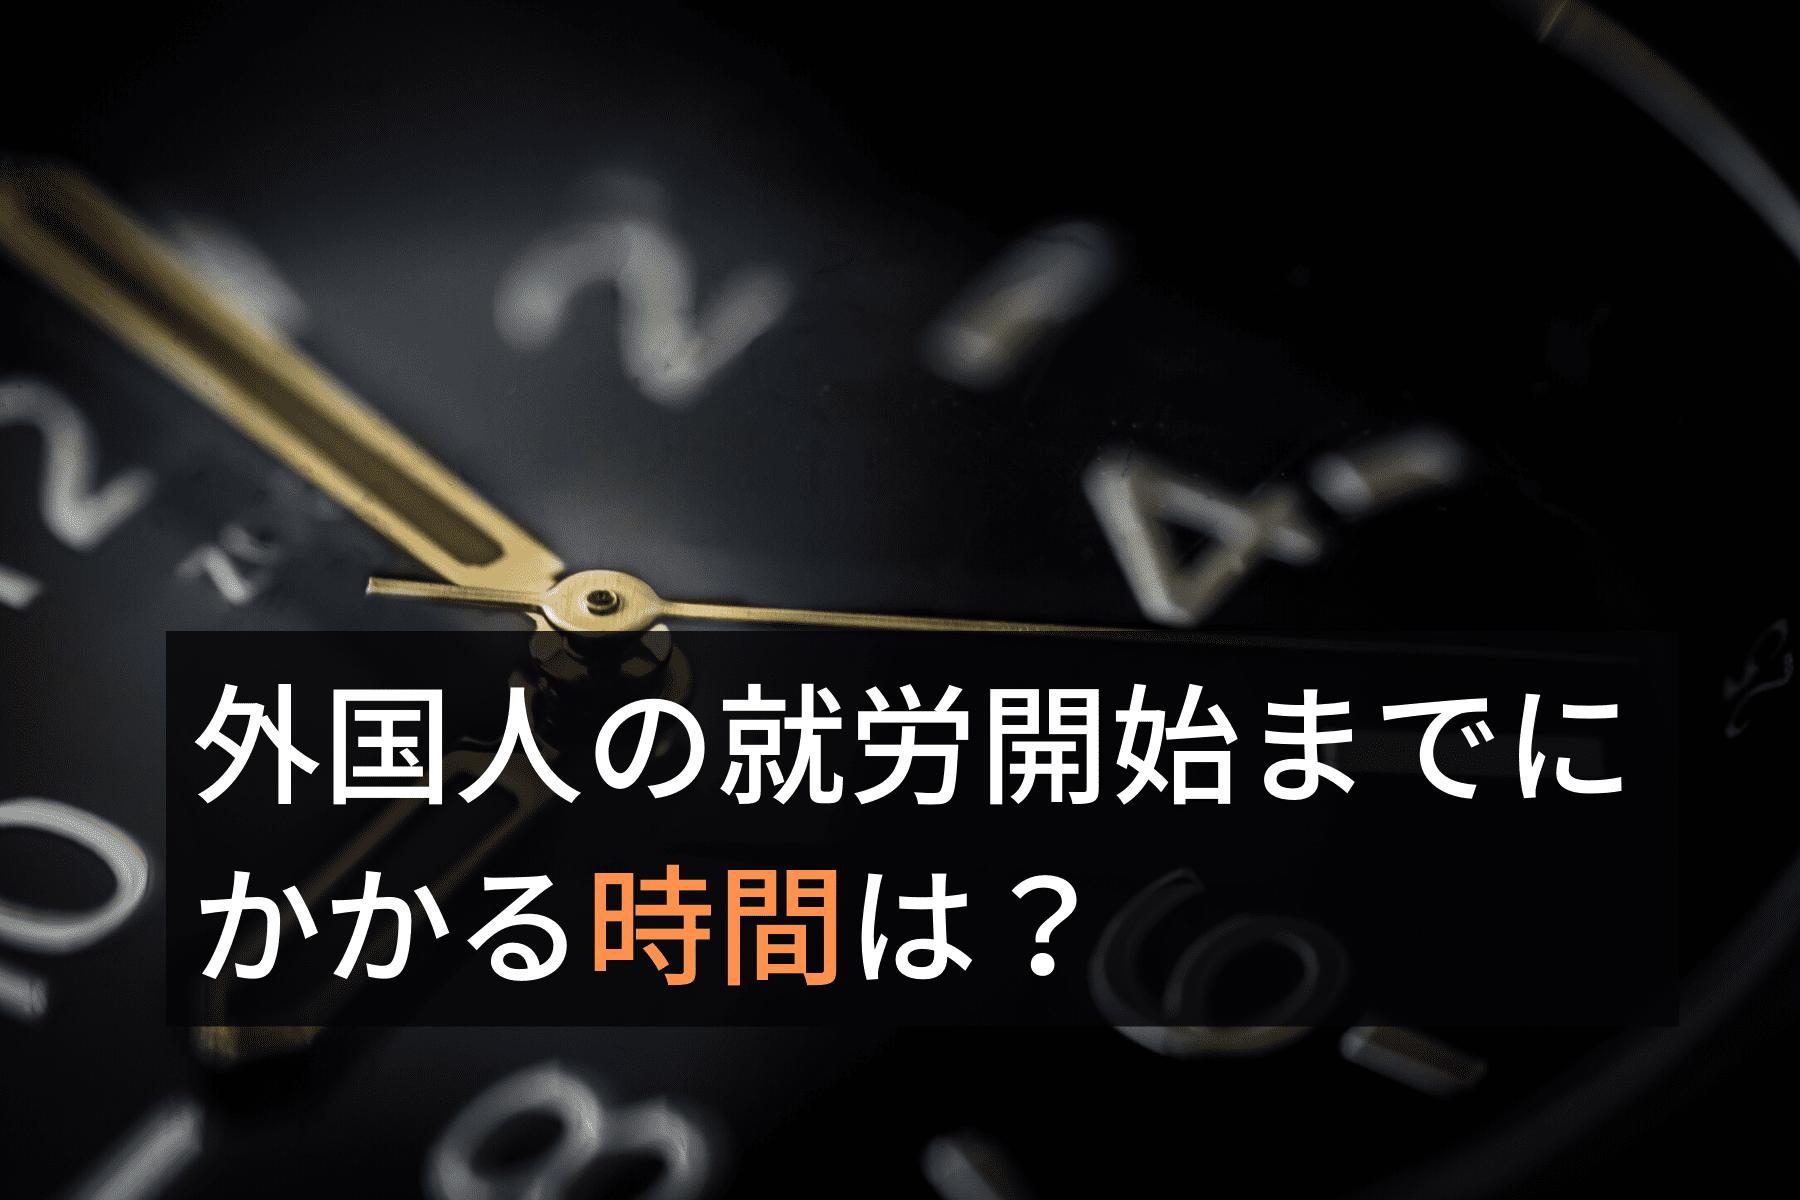 外国人が就労するまではどのくらいの時間がかかる?